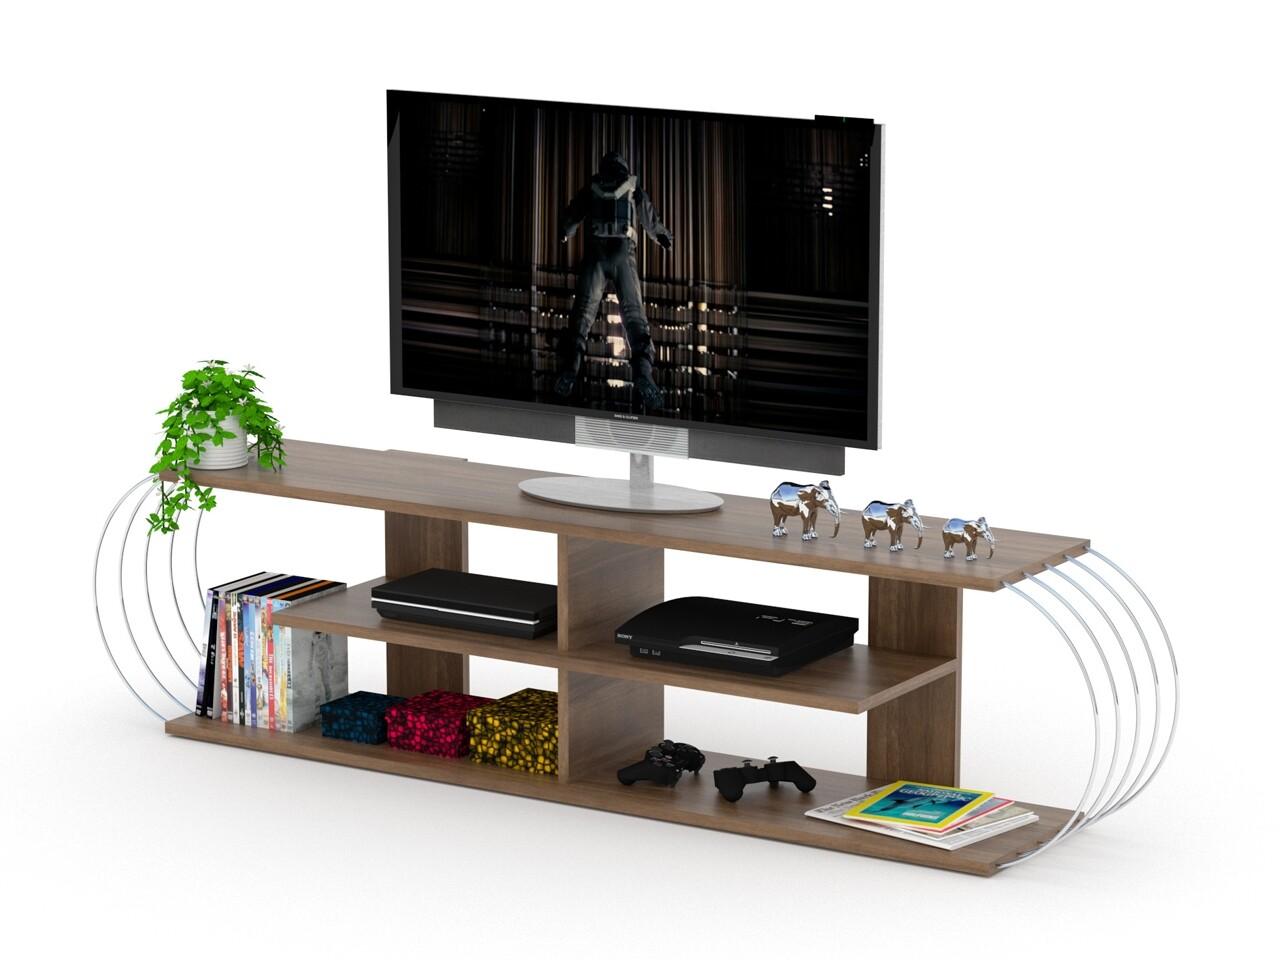 Comoda TV Rafevi Case, 173 x 30 x 42 cm, PAL/metal, walnut/chrome